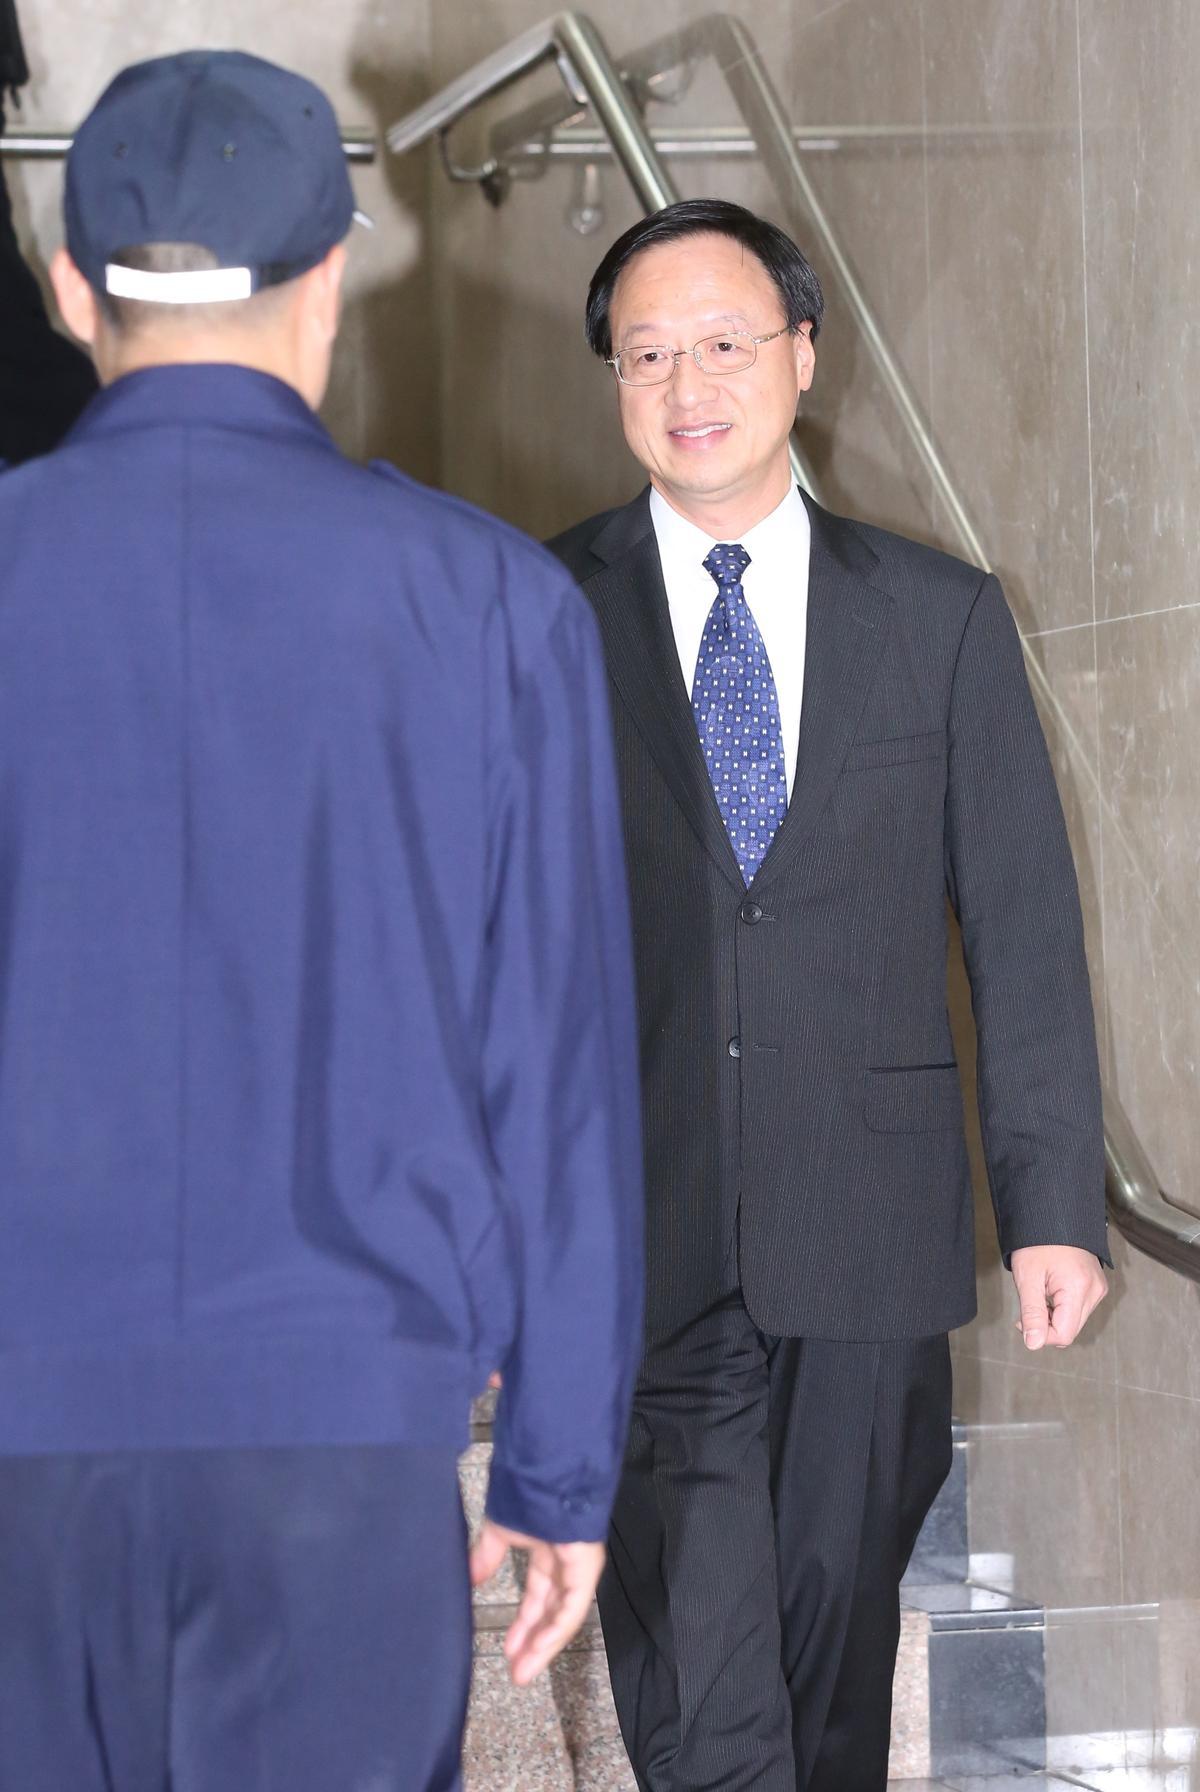 江宜樺專程從香港返台應訊,訊後對案情也沒有回應。